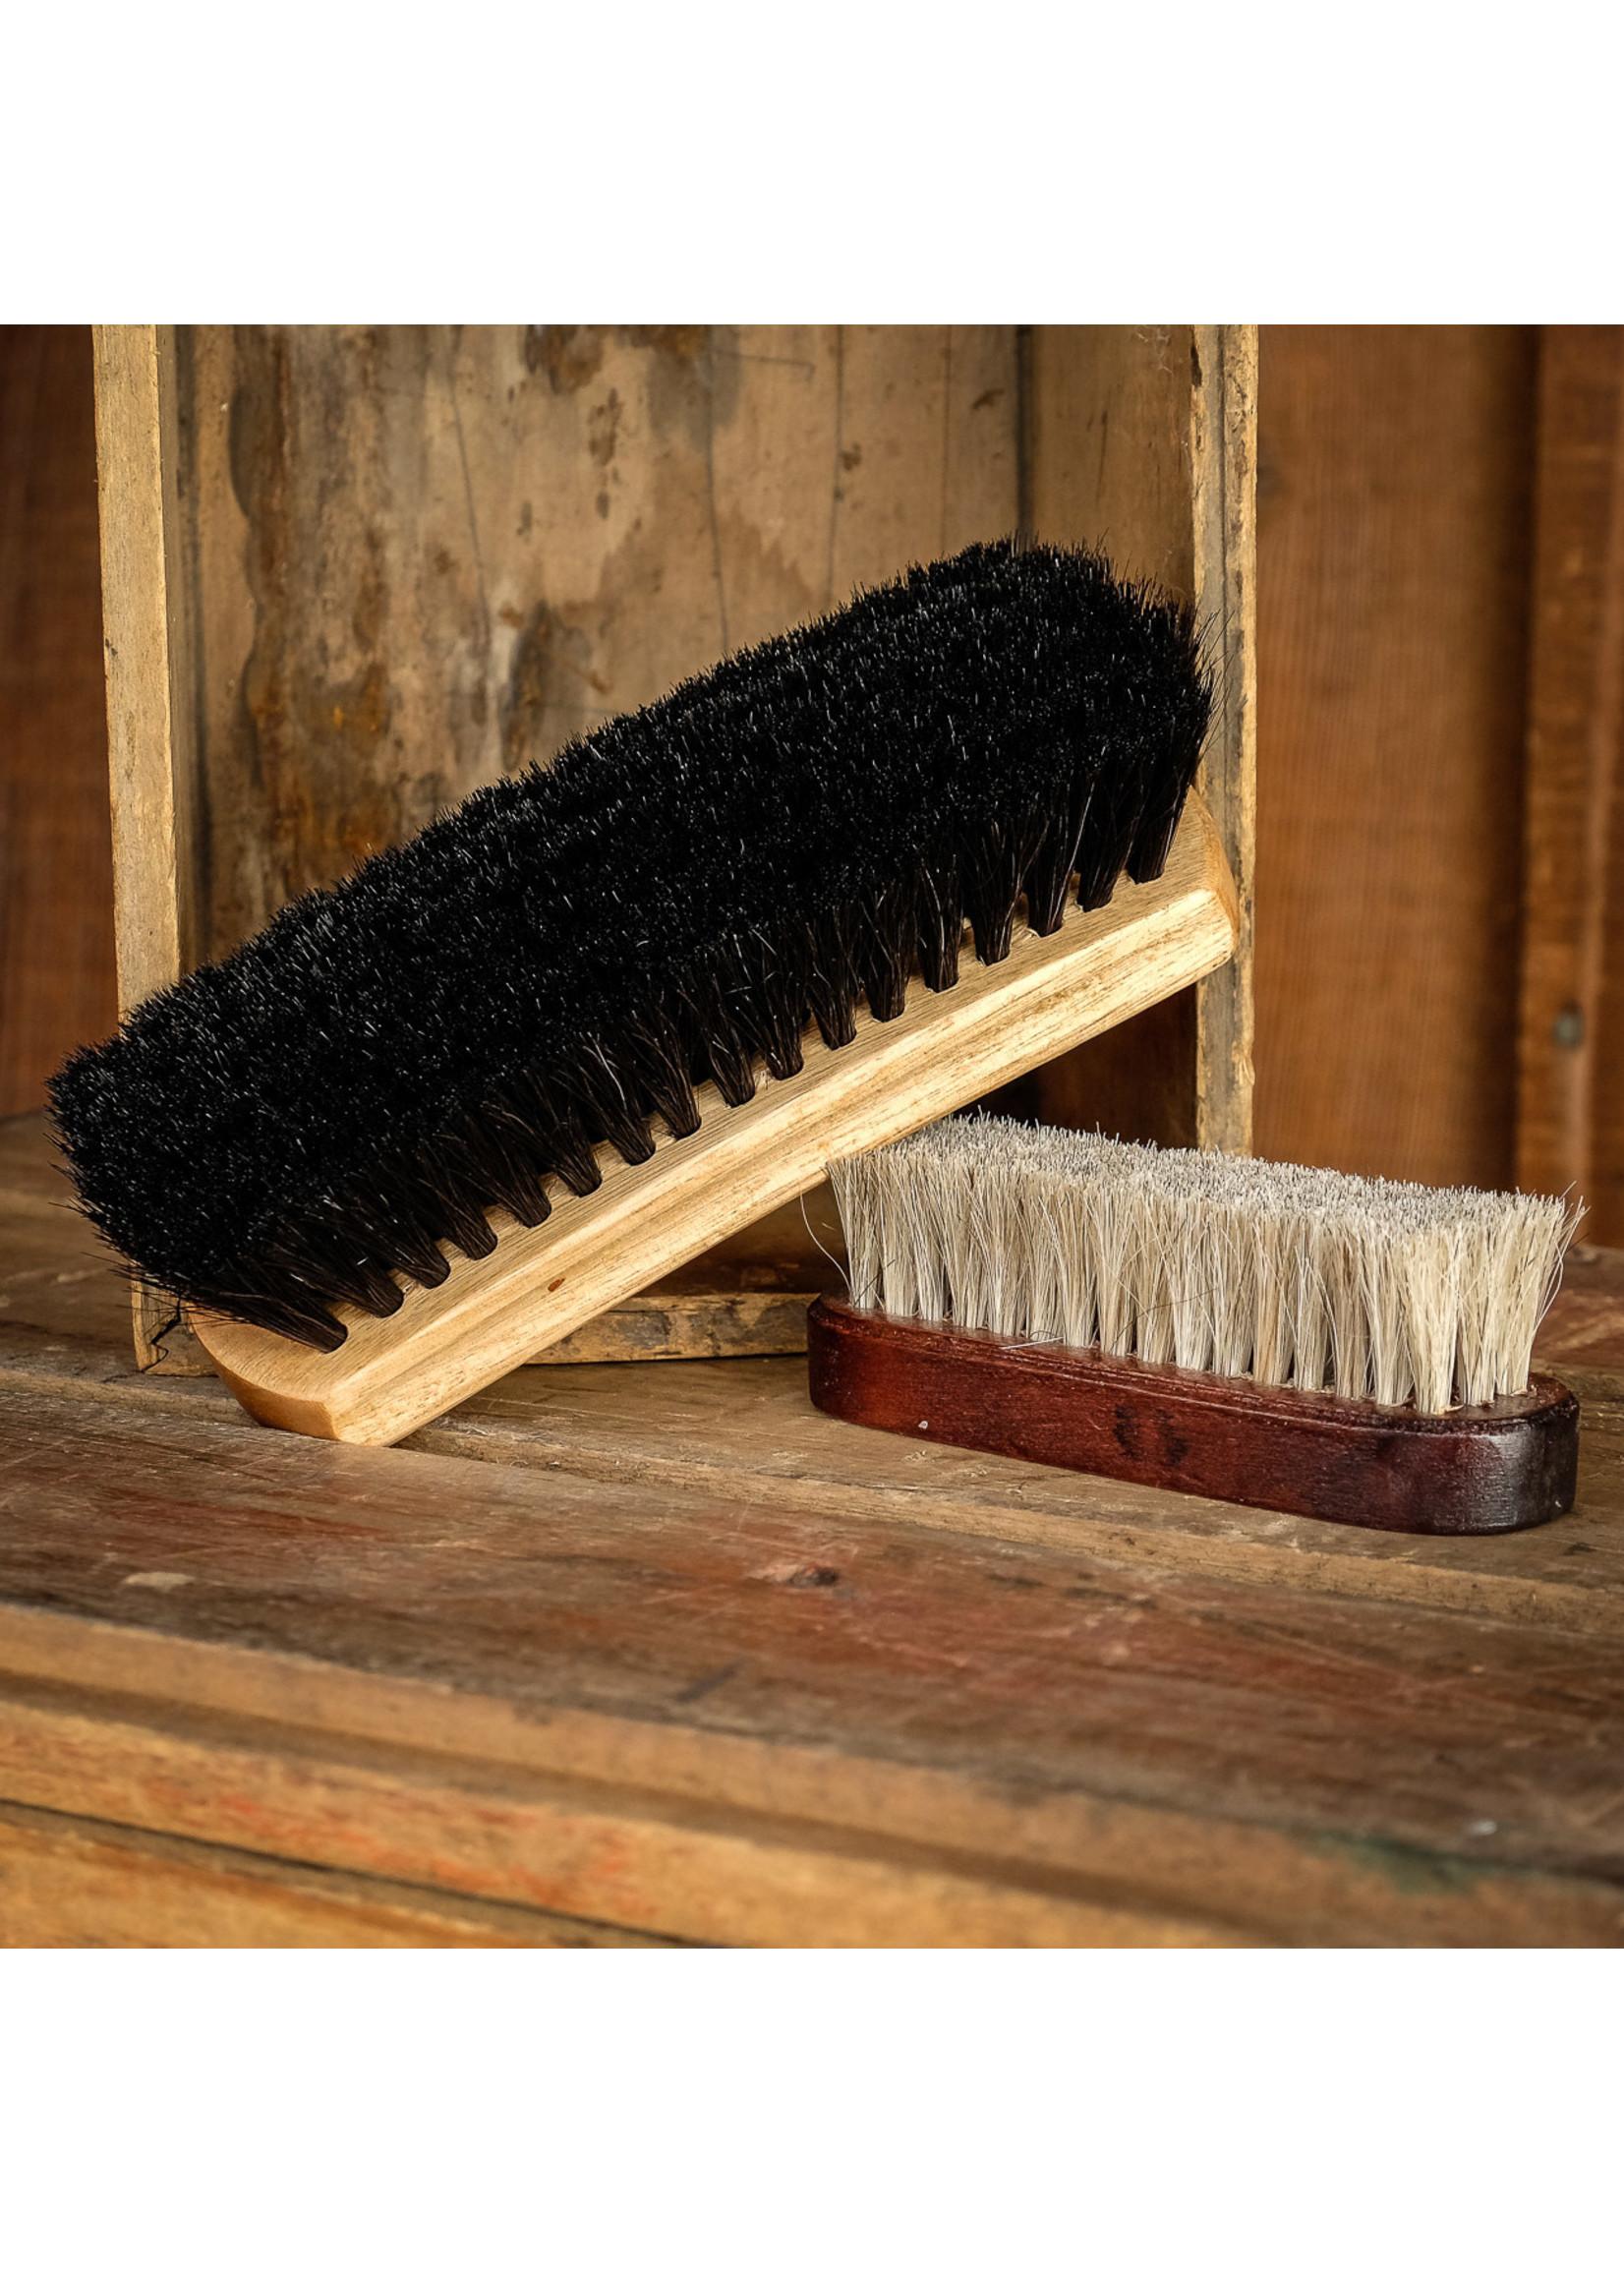 Horsehair Shine Brush